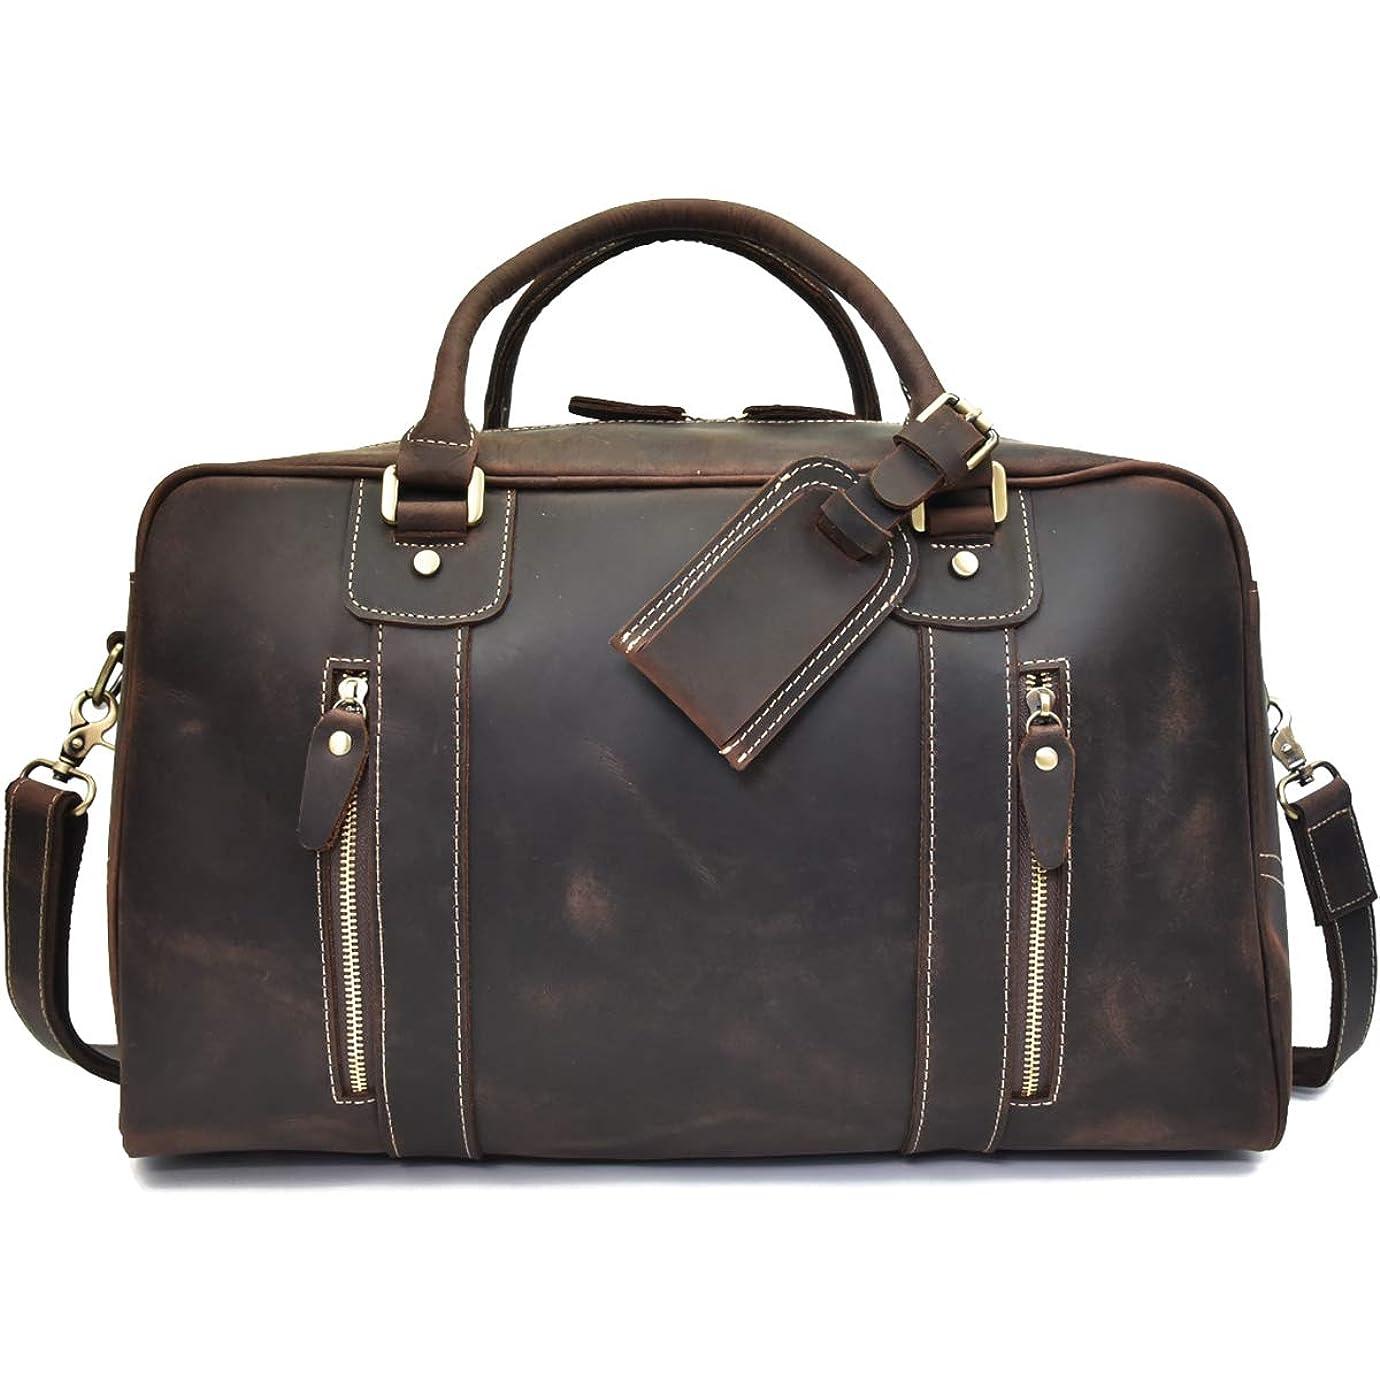 ホラー原点墓本革 ボストンバッグ メンズ 機内持ち込み 旅行鞄 レザー トラベルバッグ 大容量 2way 耐久 レトロ 牛革 ゴルフバッグ 旅行バッグ 45cm